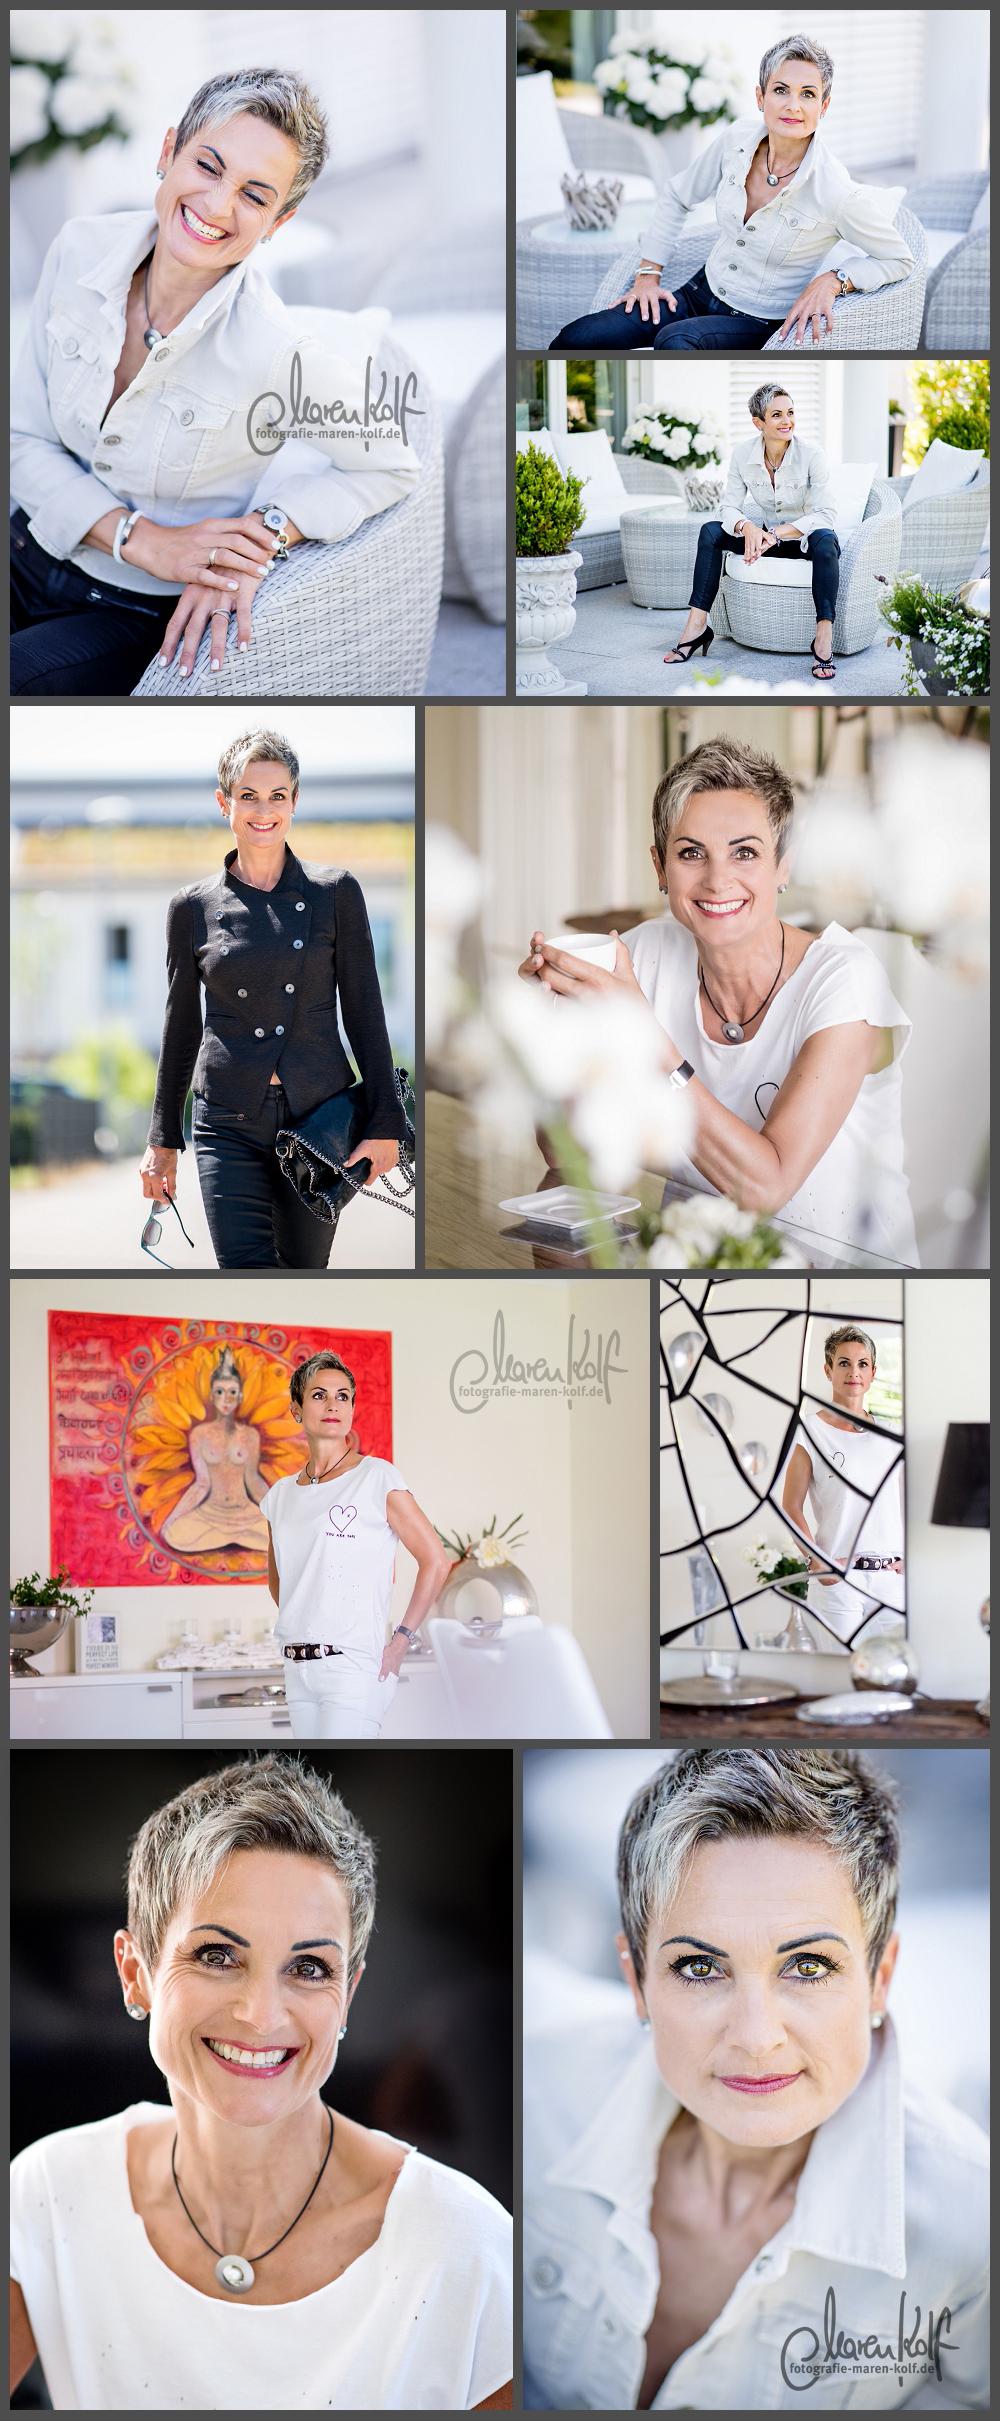 businessportrait-tina-edeling-seniormodel-maren-kolf-fotografie-blog